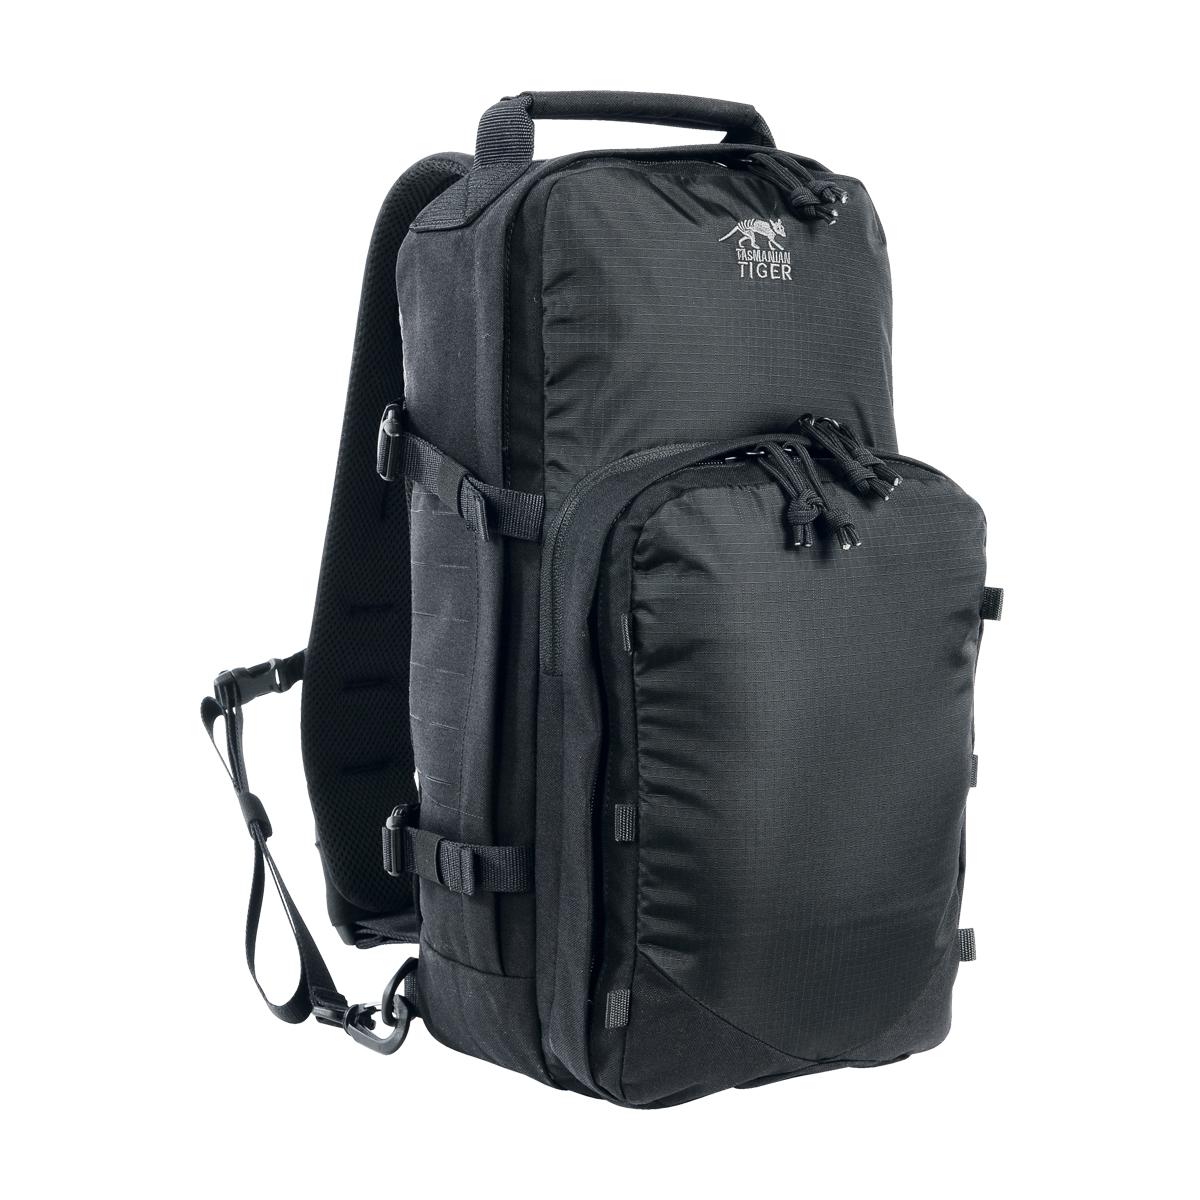 Рюкзак TT TAC SLING PACK 12 black, 7961.040, Спортивные рюкзаки - арт. 821780283